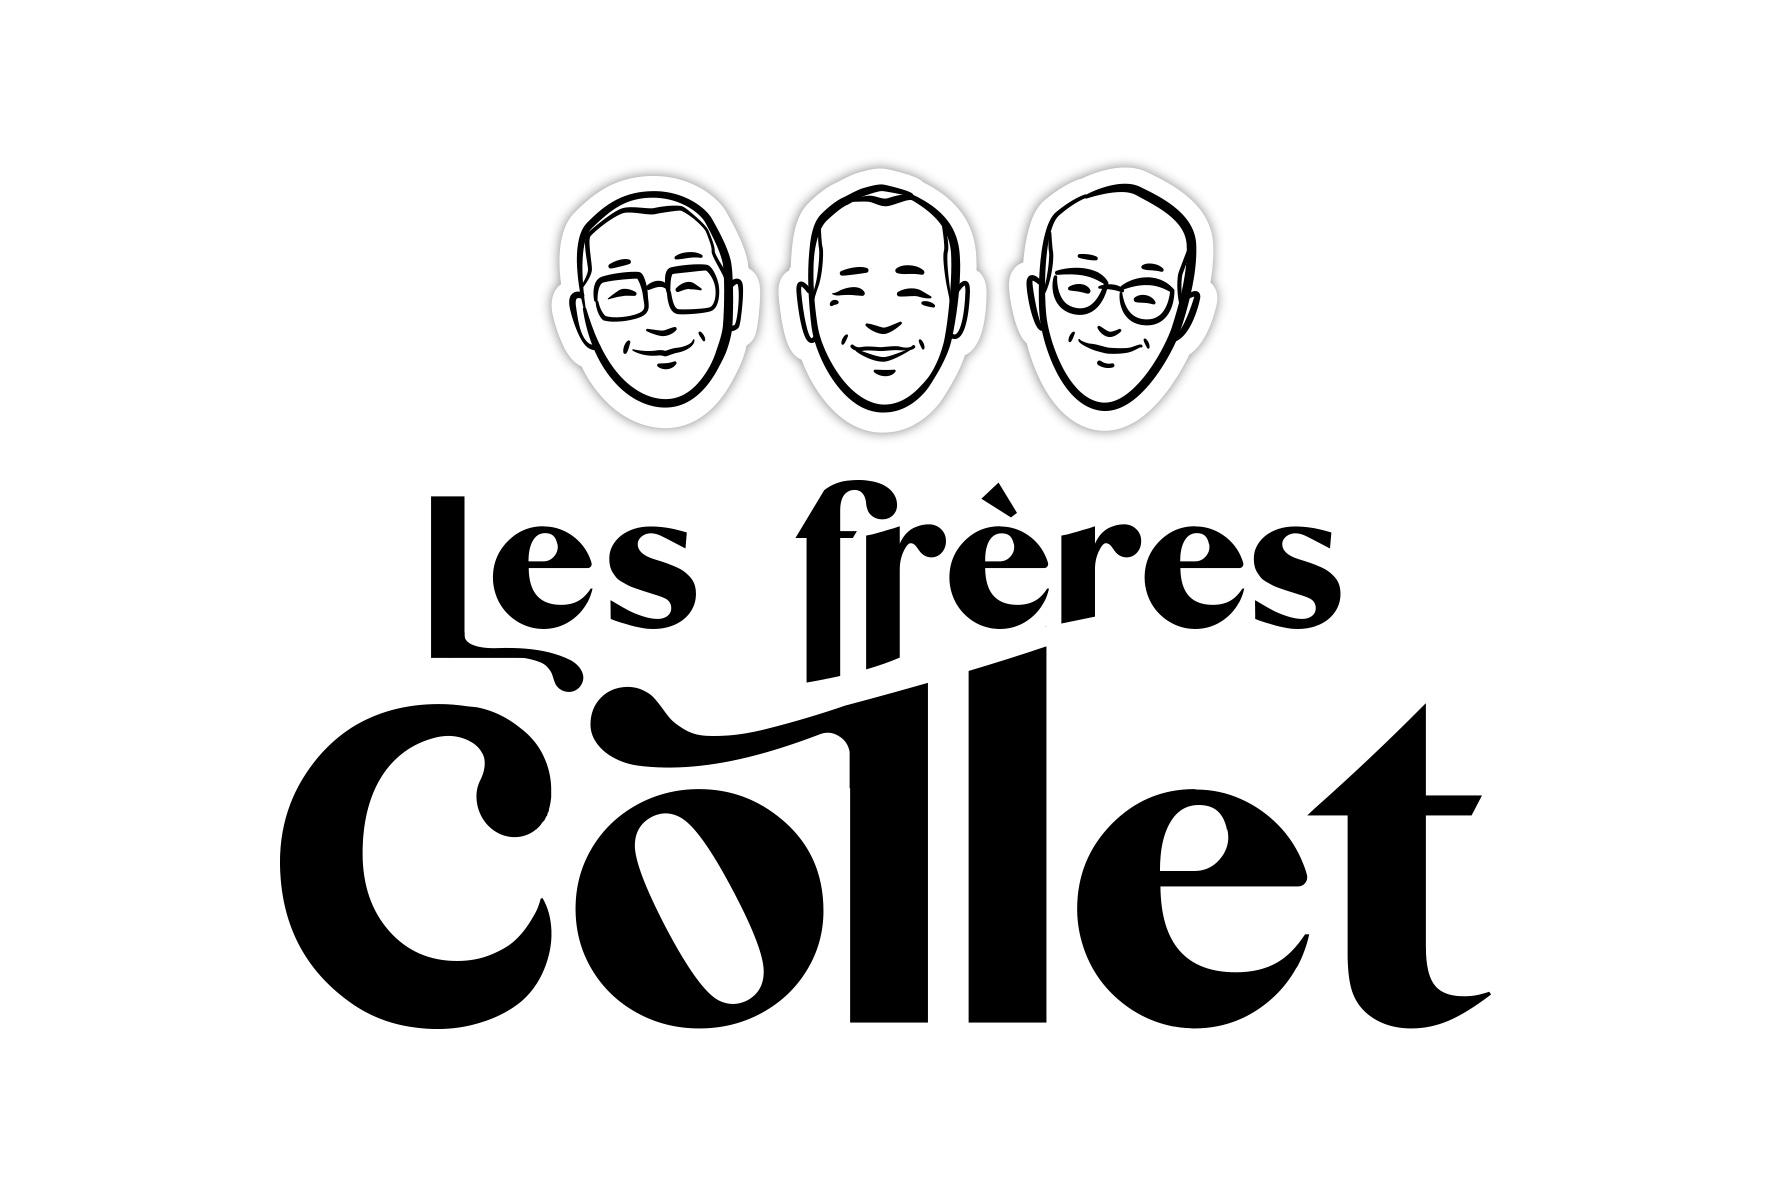 Logo Les Freres Collet - Les frères Collet rejoint la « saison 2 » de la Communauté Pour nourrir demain